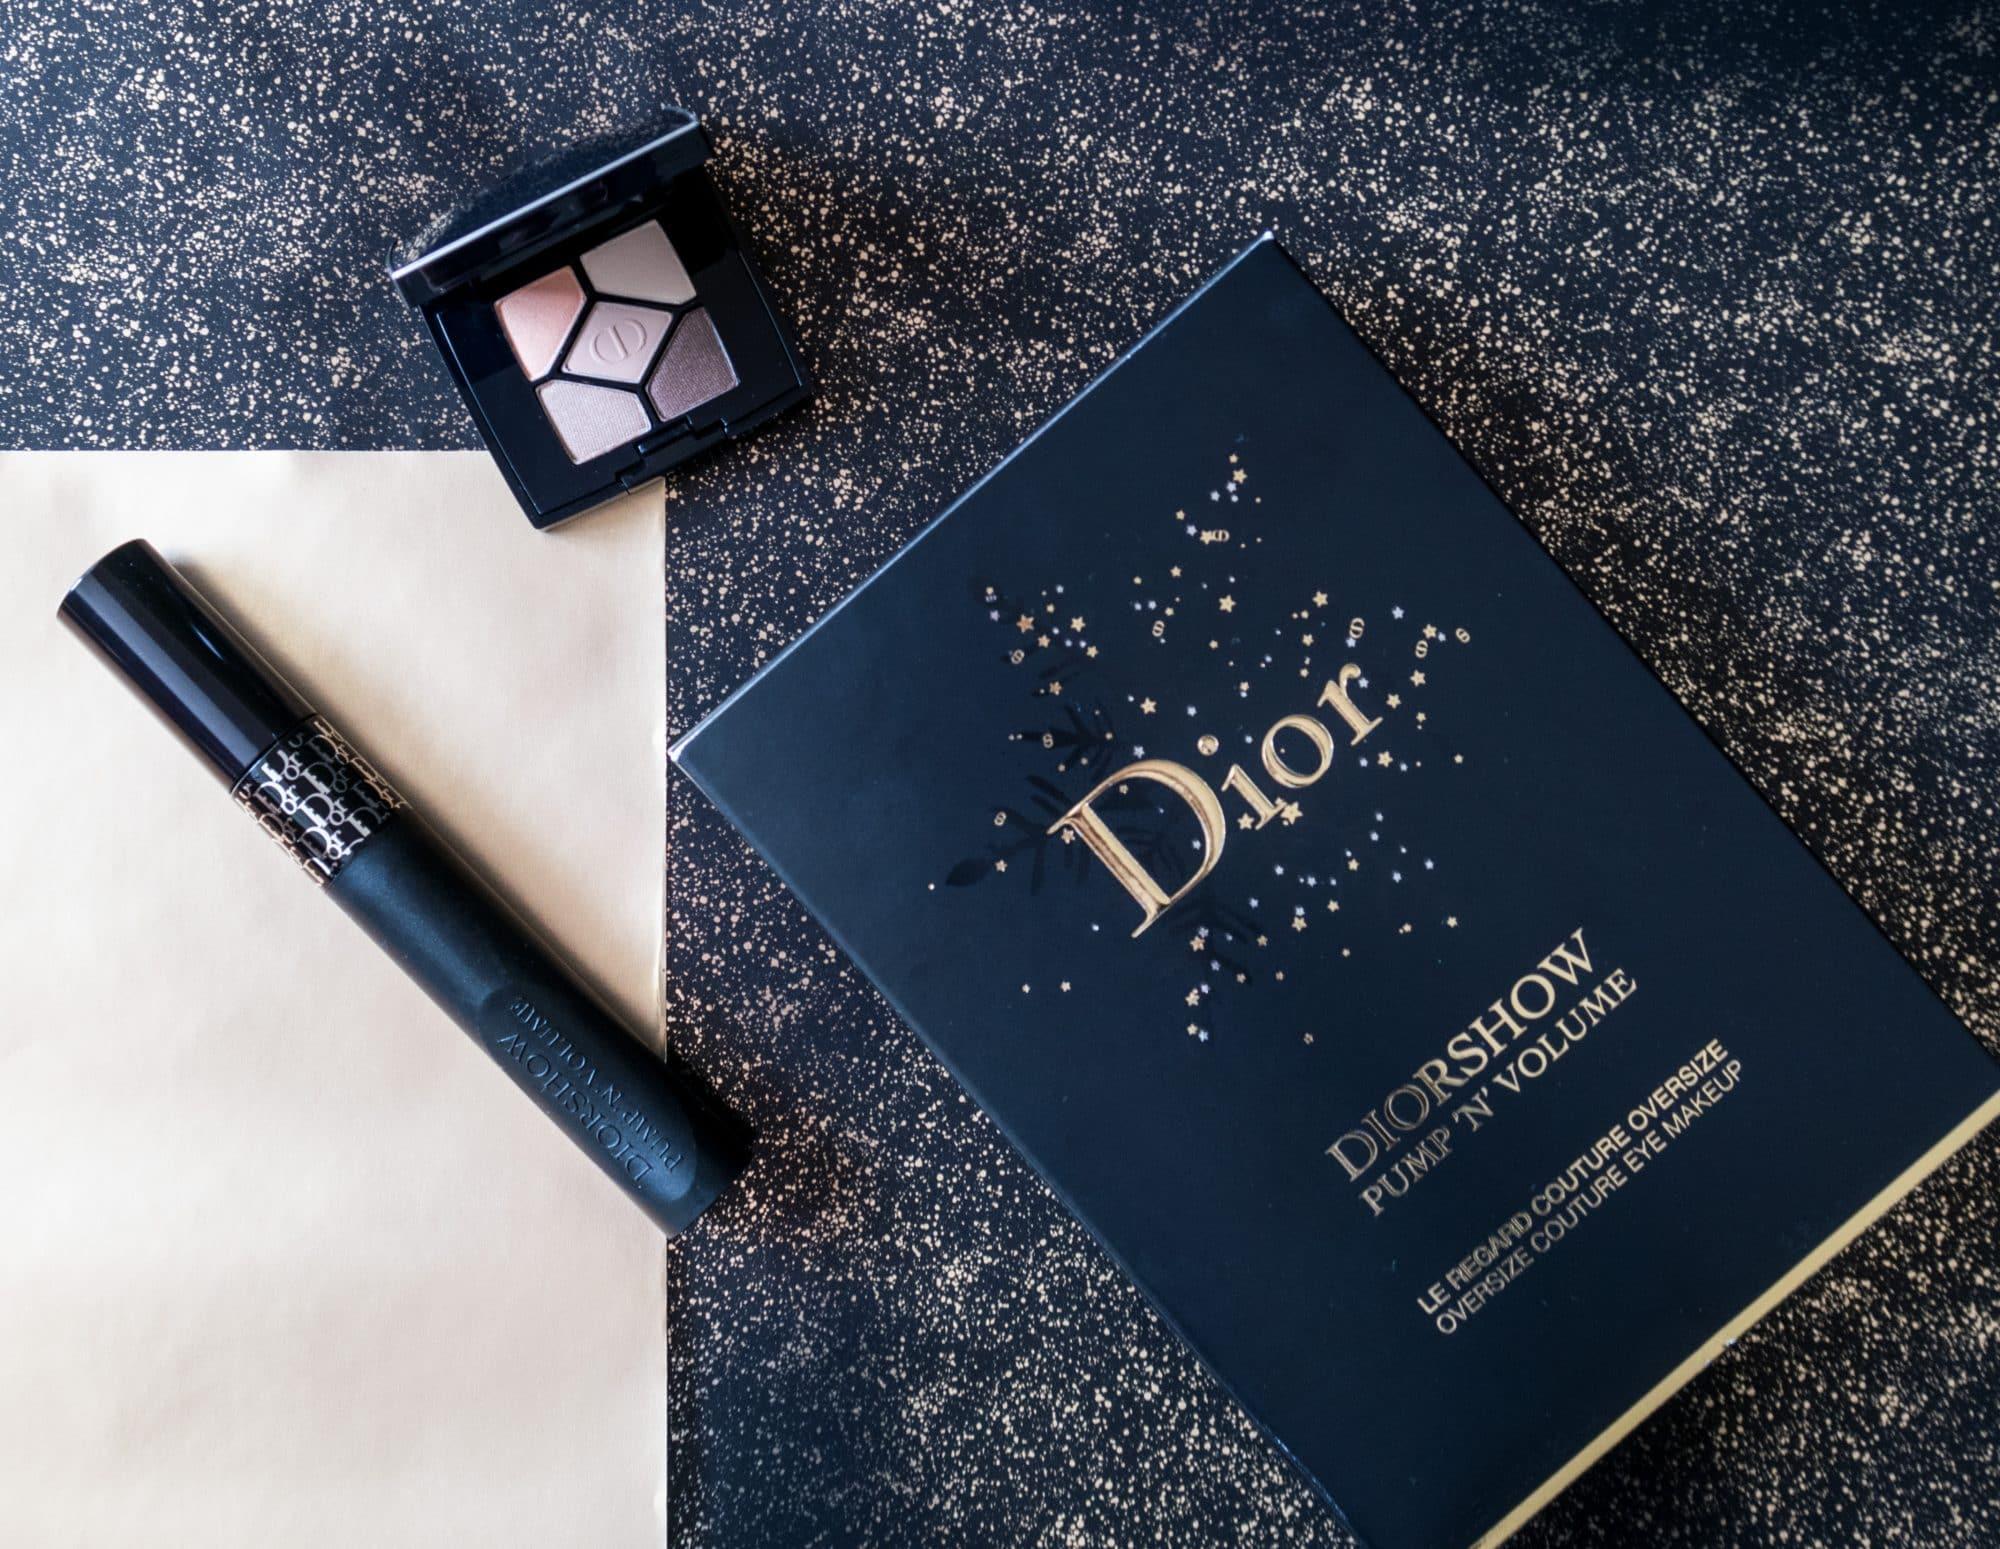 Dior Makeup Christmas Giveaway_3